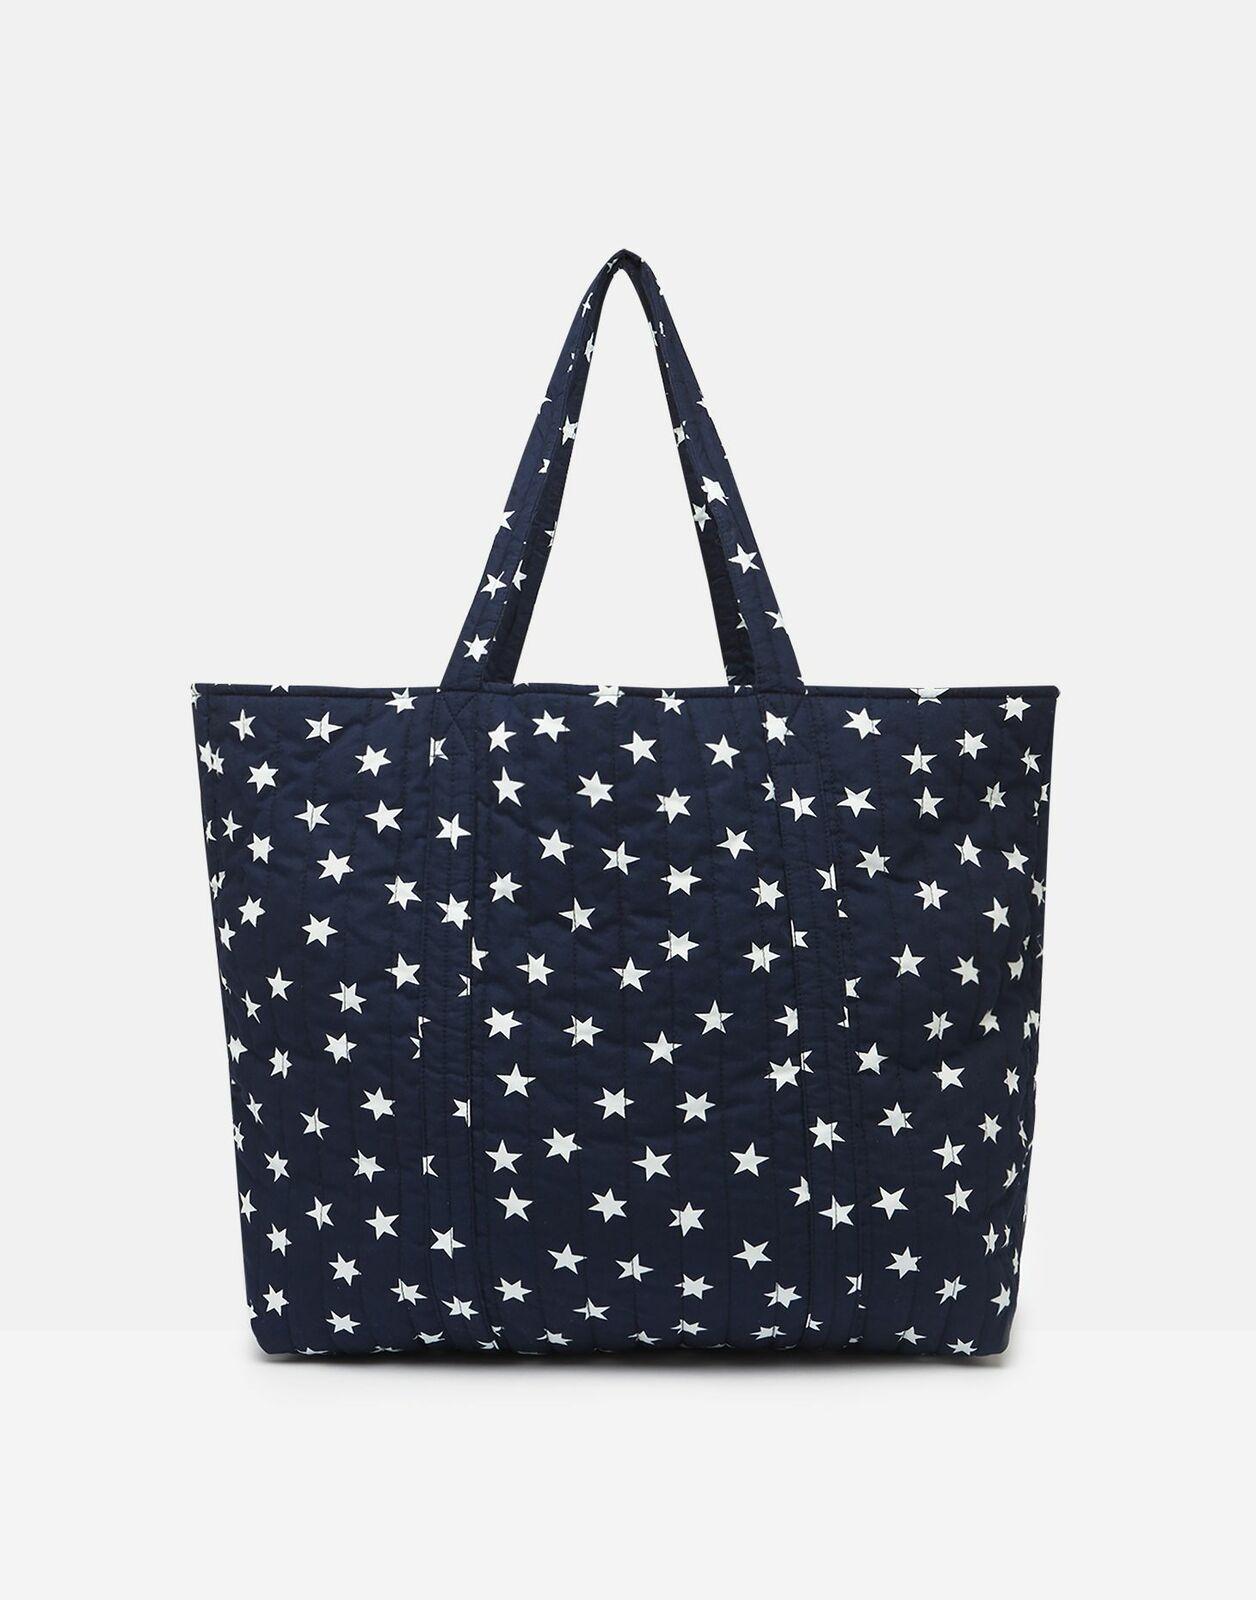 Joules shopper bag £12.95 delivered @ Joules / eBay